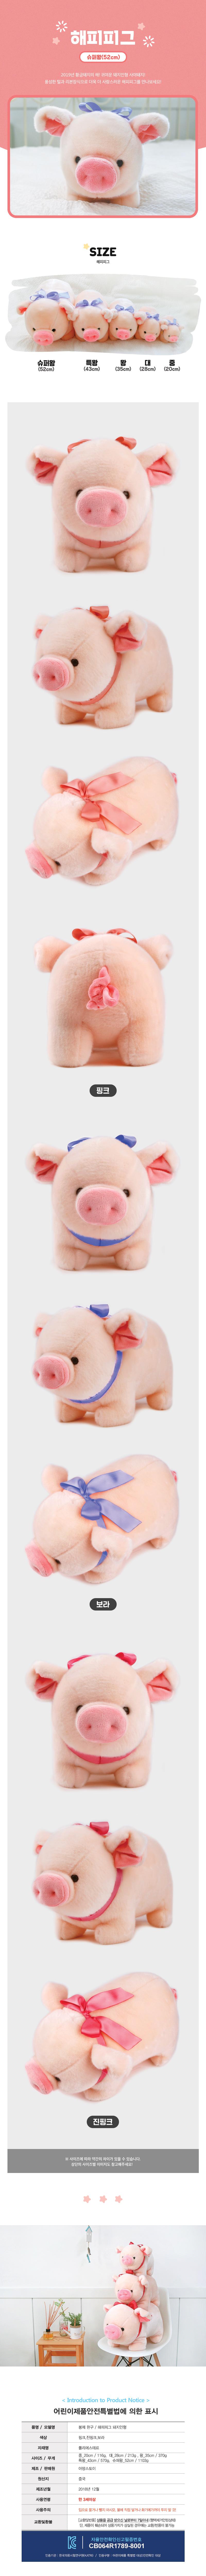 해피피그 돼지인형-슈퍼왕-(옵션선택) - 누리토이즈, 58,500원, 애니멀인형, 돼지 인형